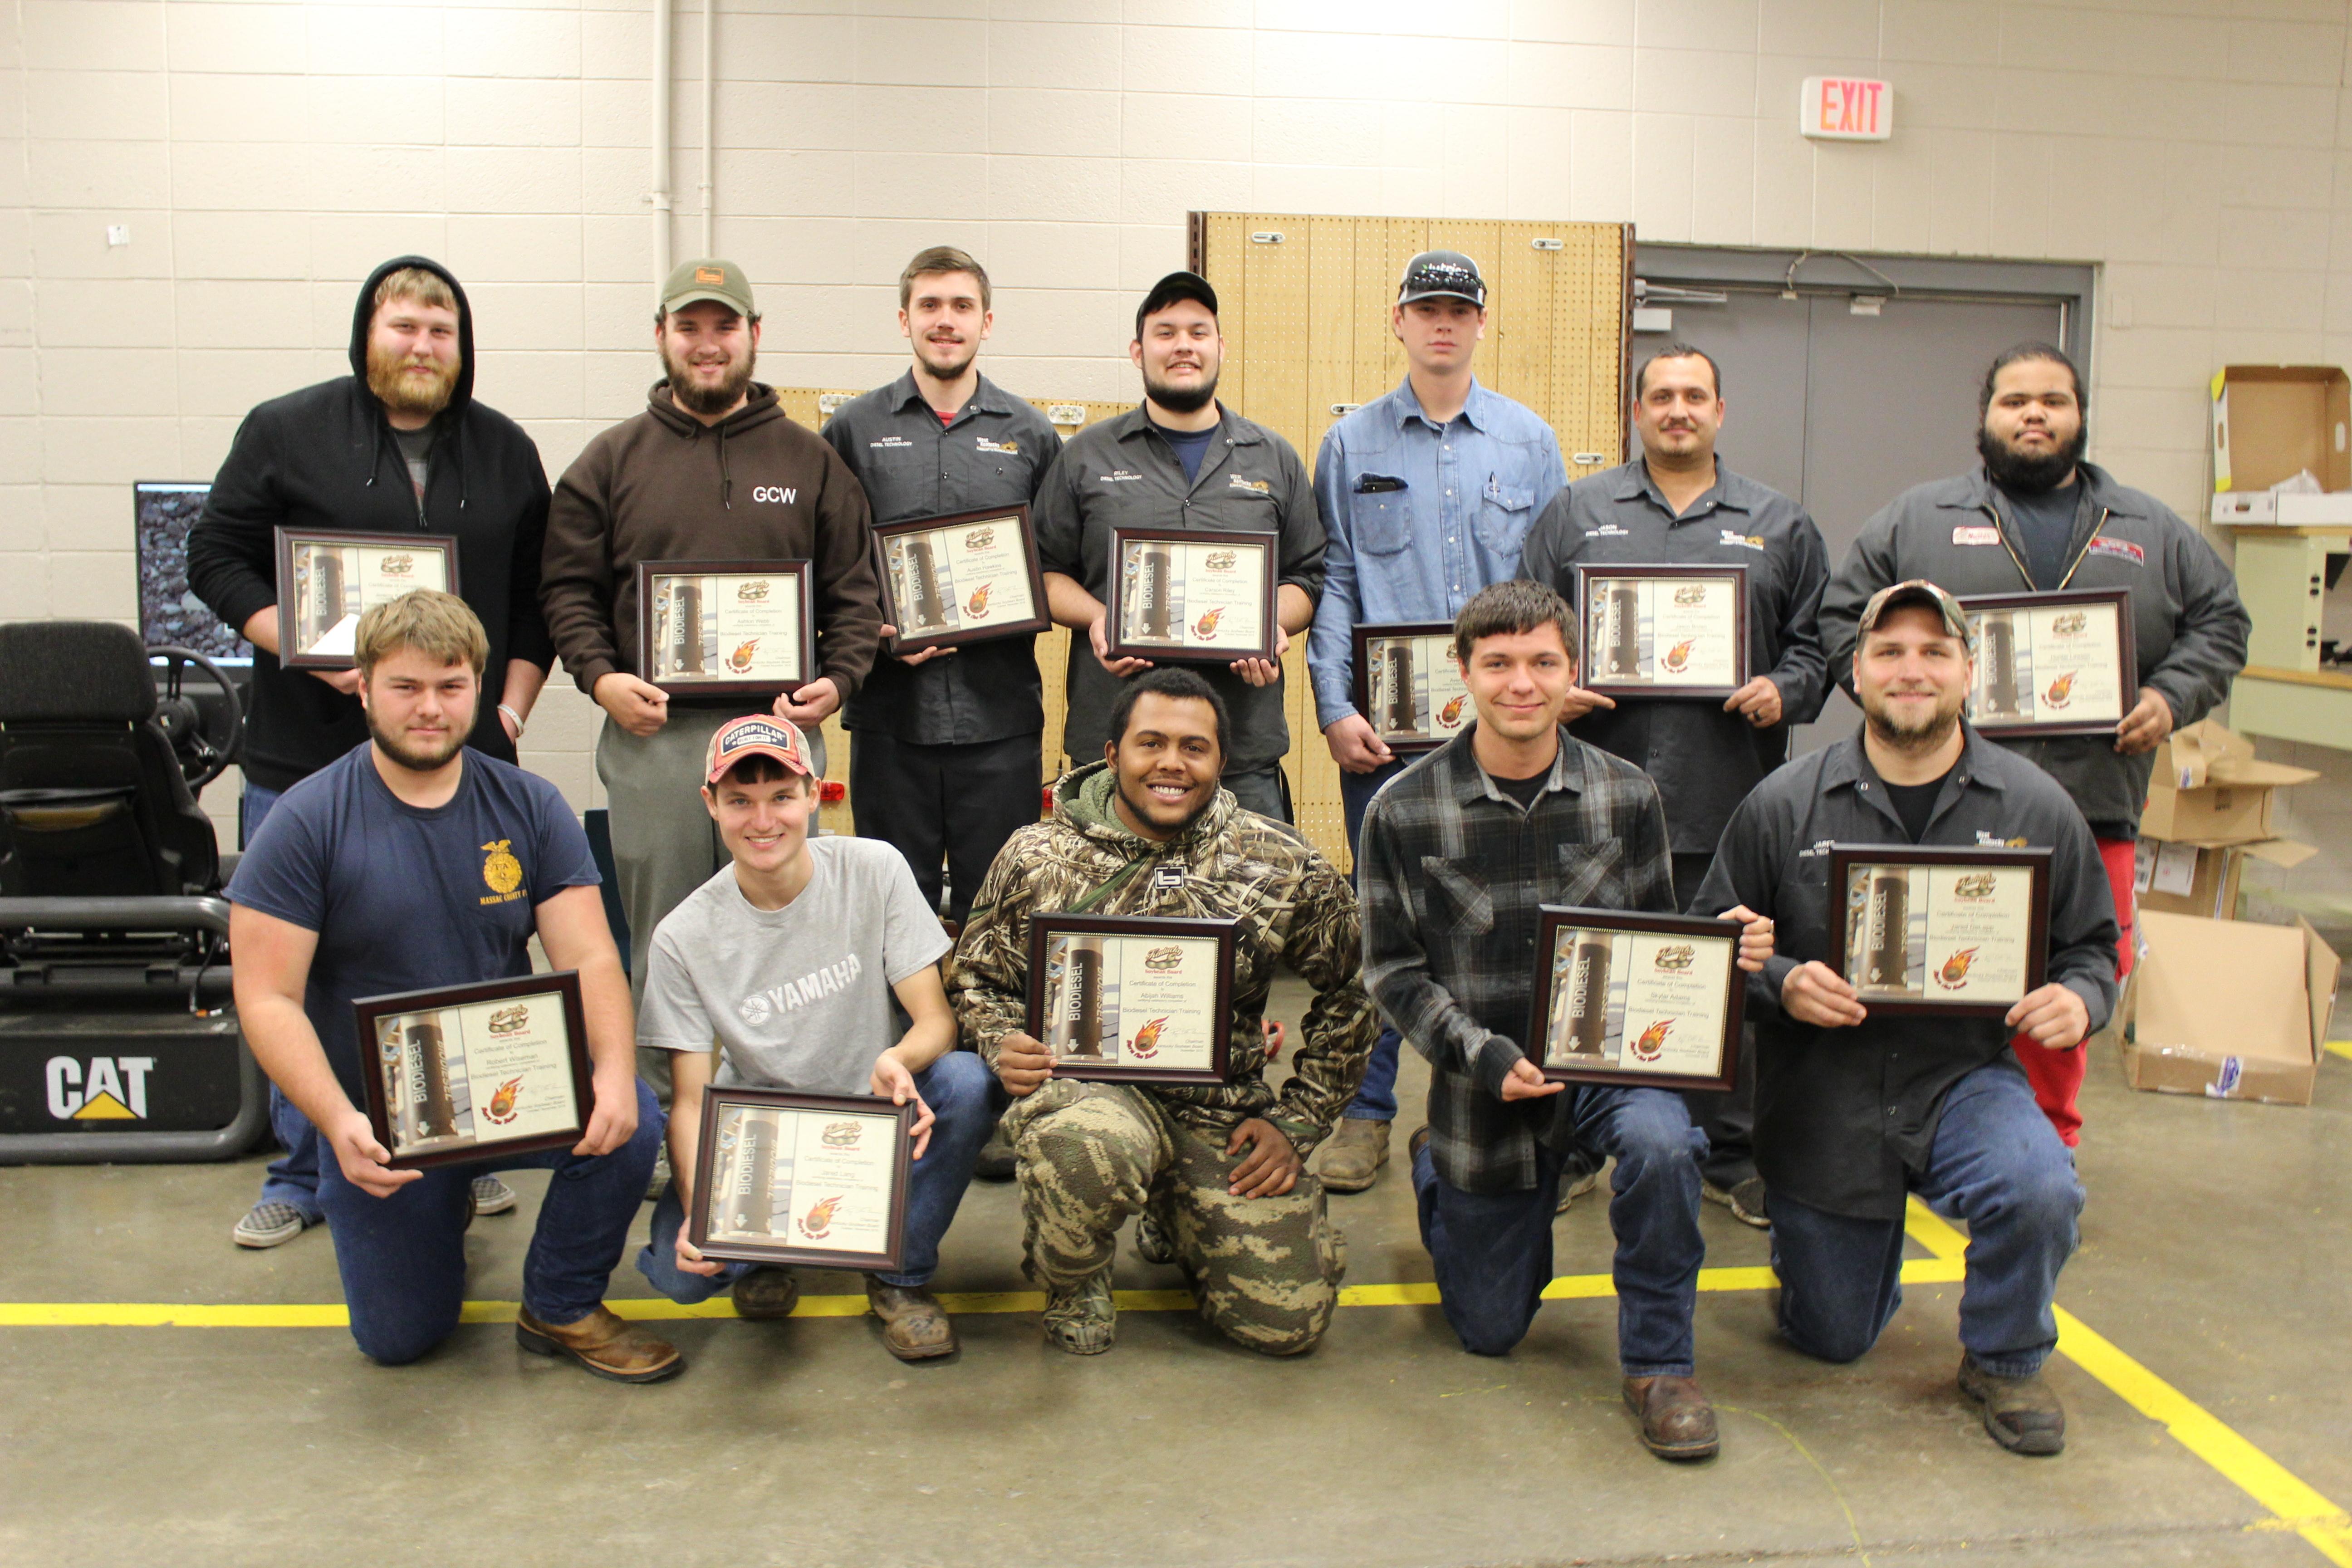 Diesel certificates